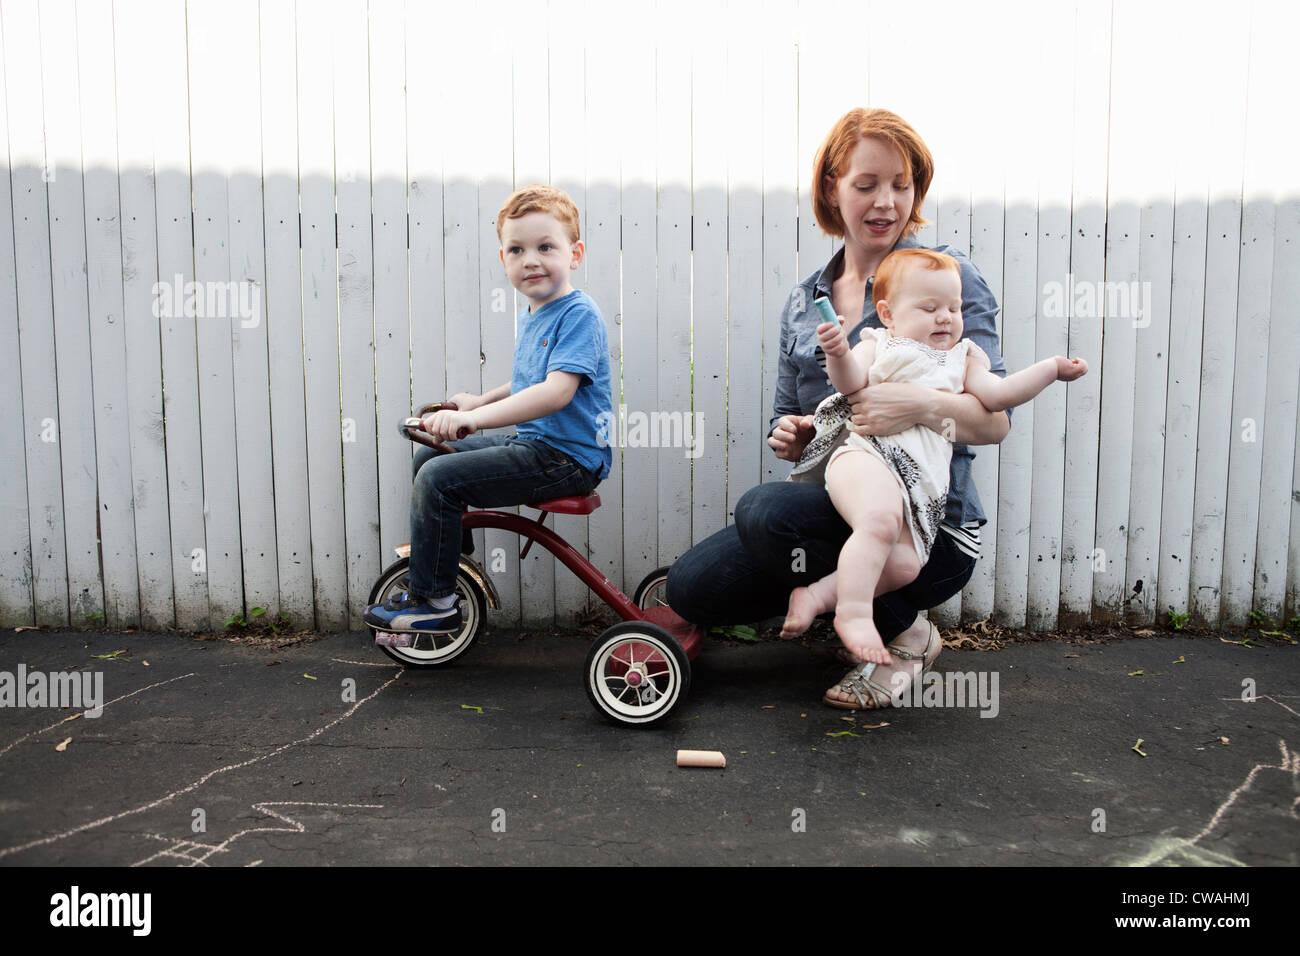 Mère jouant dans cour avec deux enfants Photo Stock